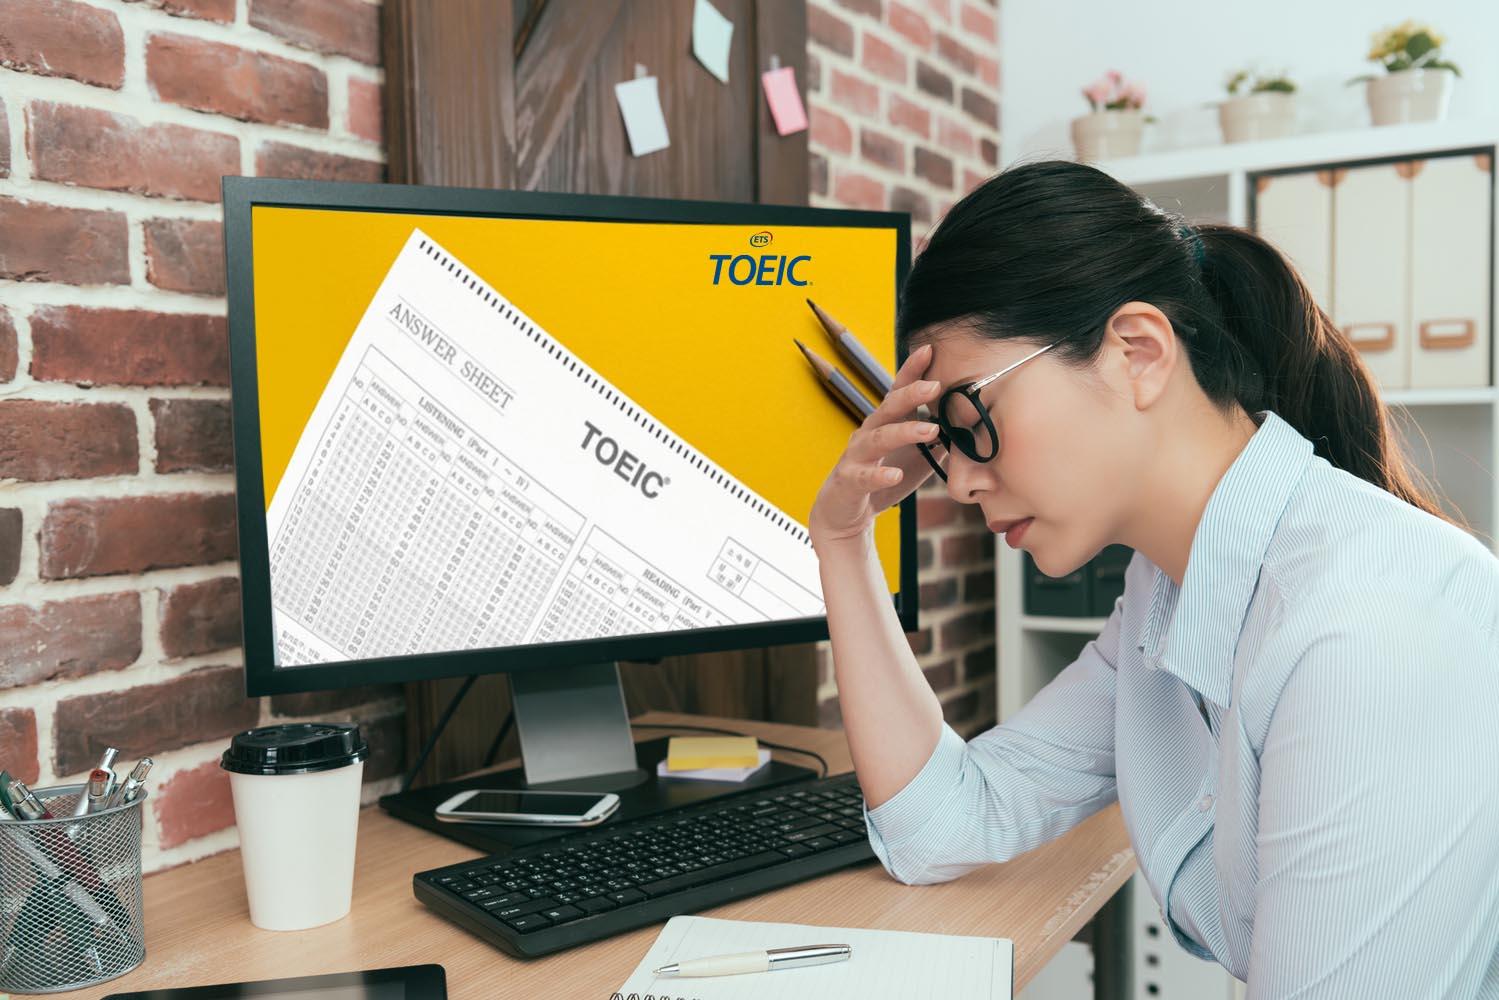 Khó khăn thường gặp của bạn khi học Toeic online trực tuyến Chưa tìm được phương pháp học phù hợp